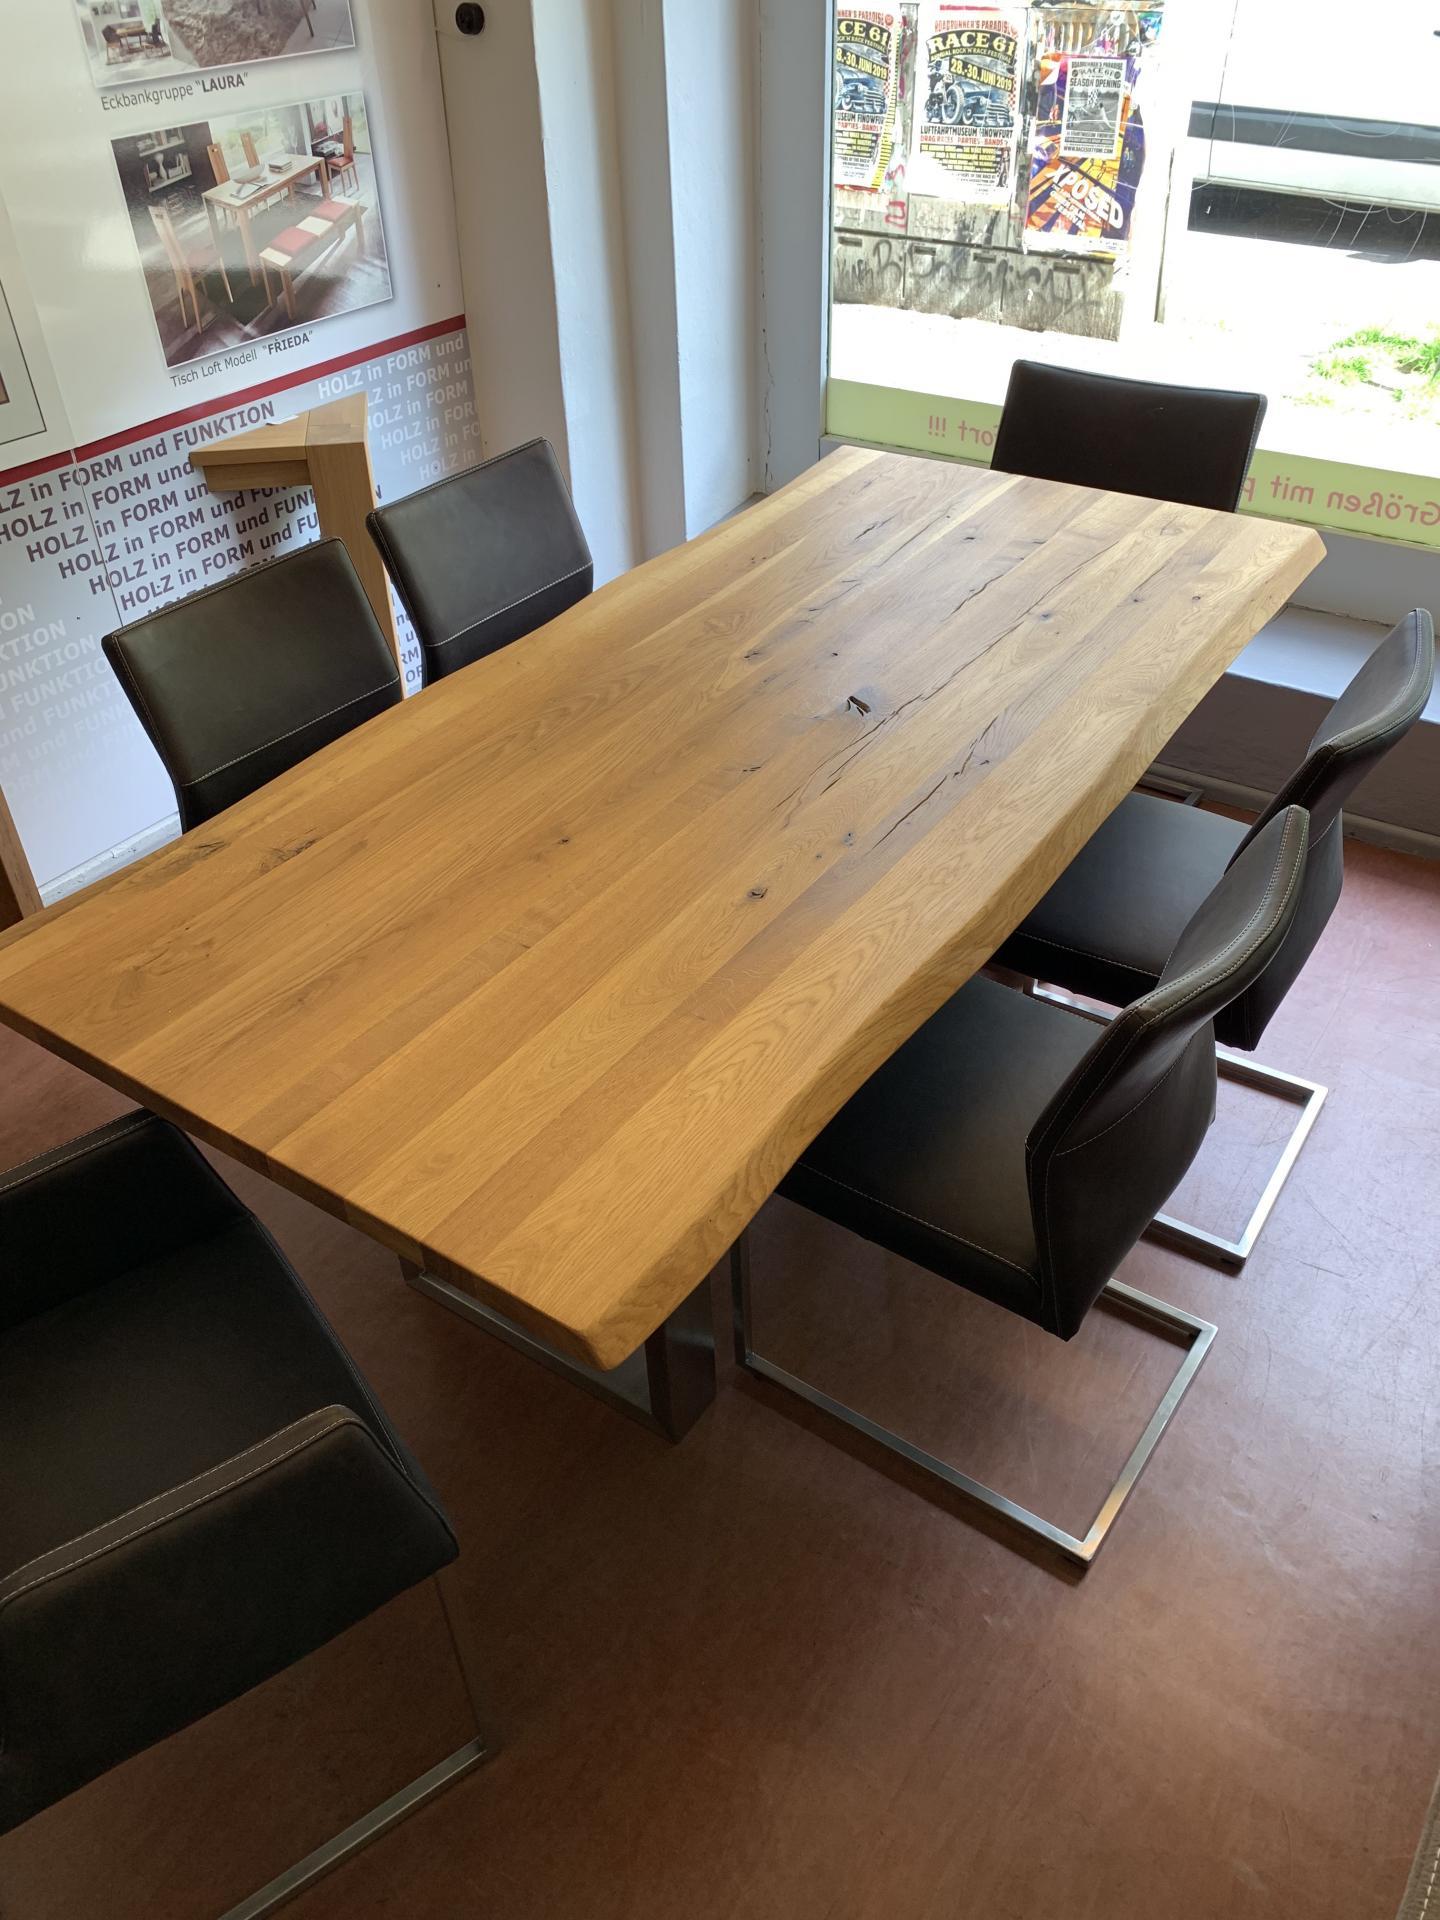 Baumkantentisch mit Stühlen